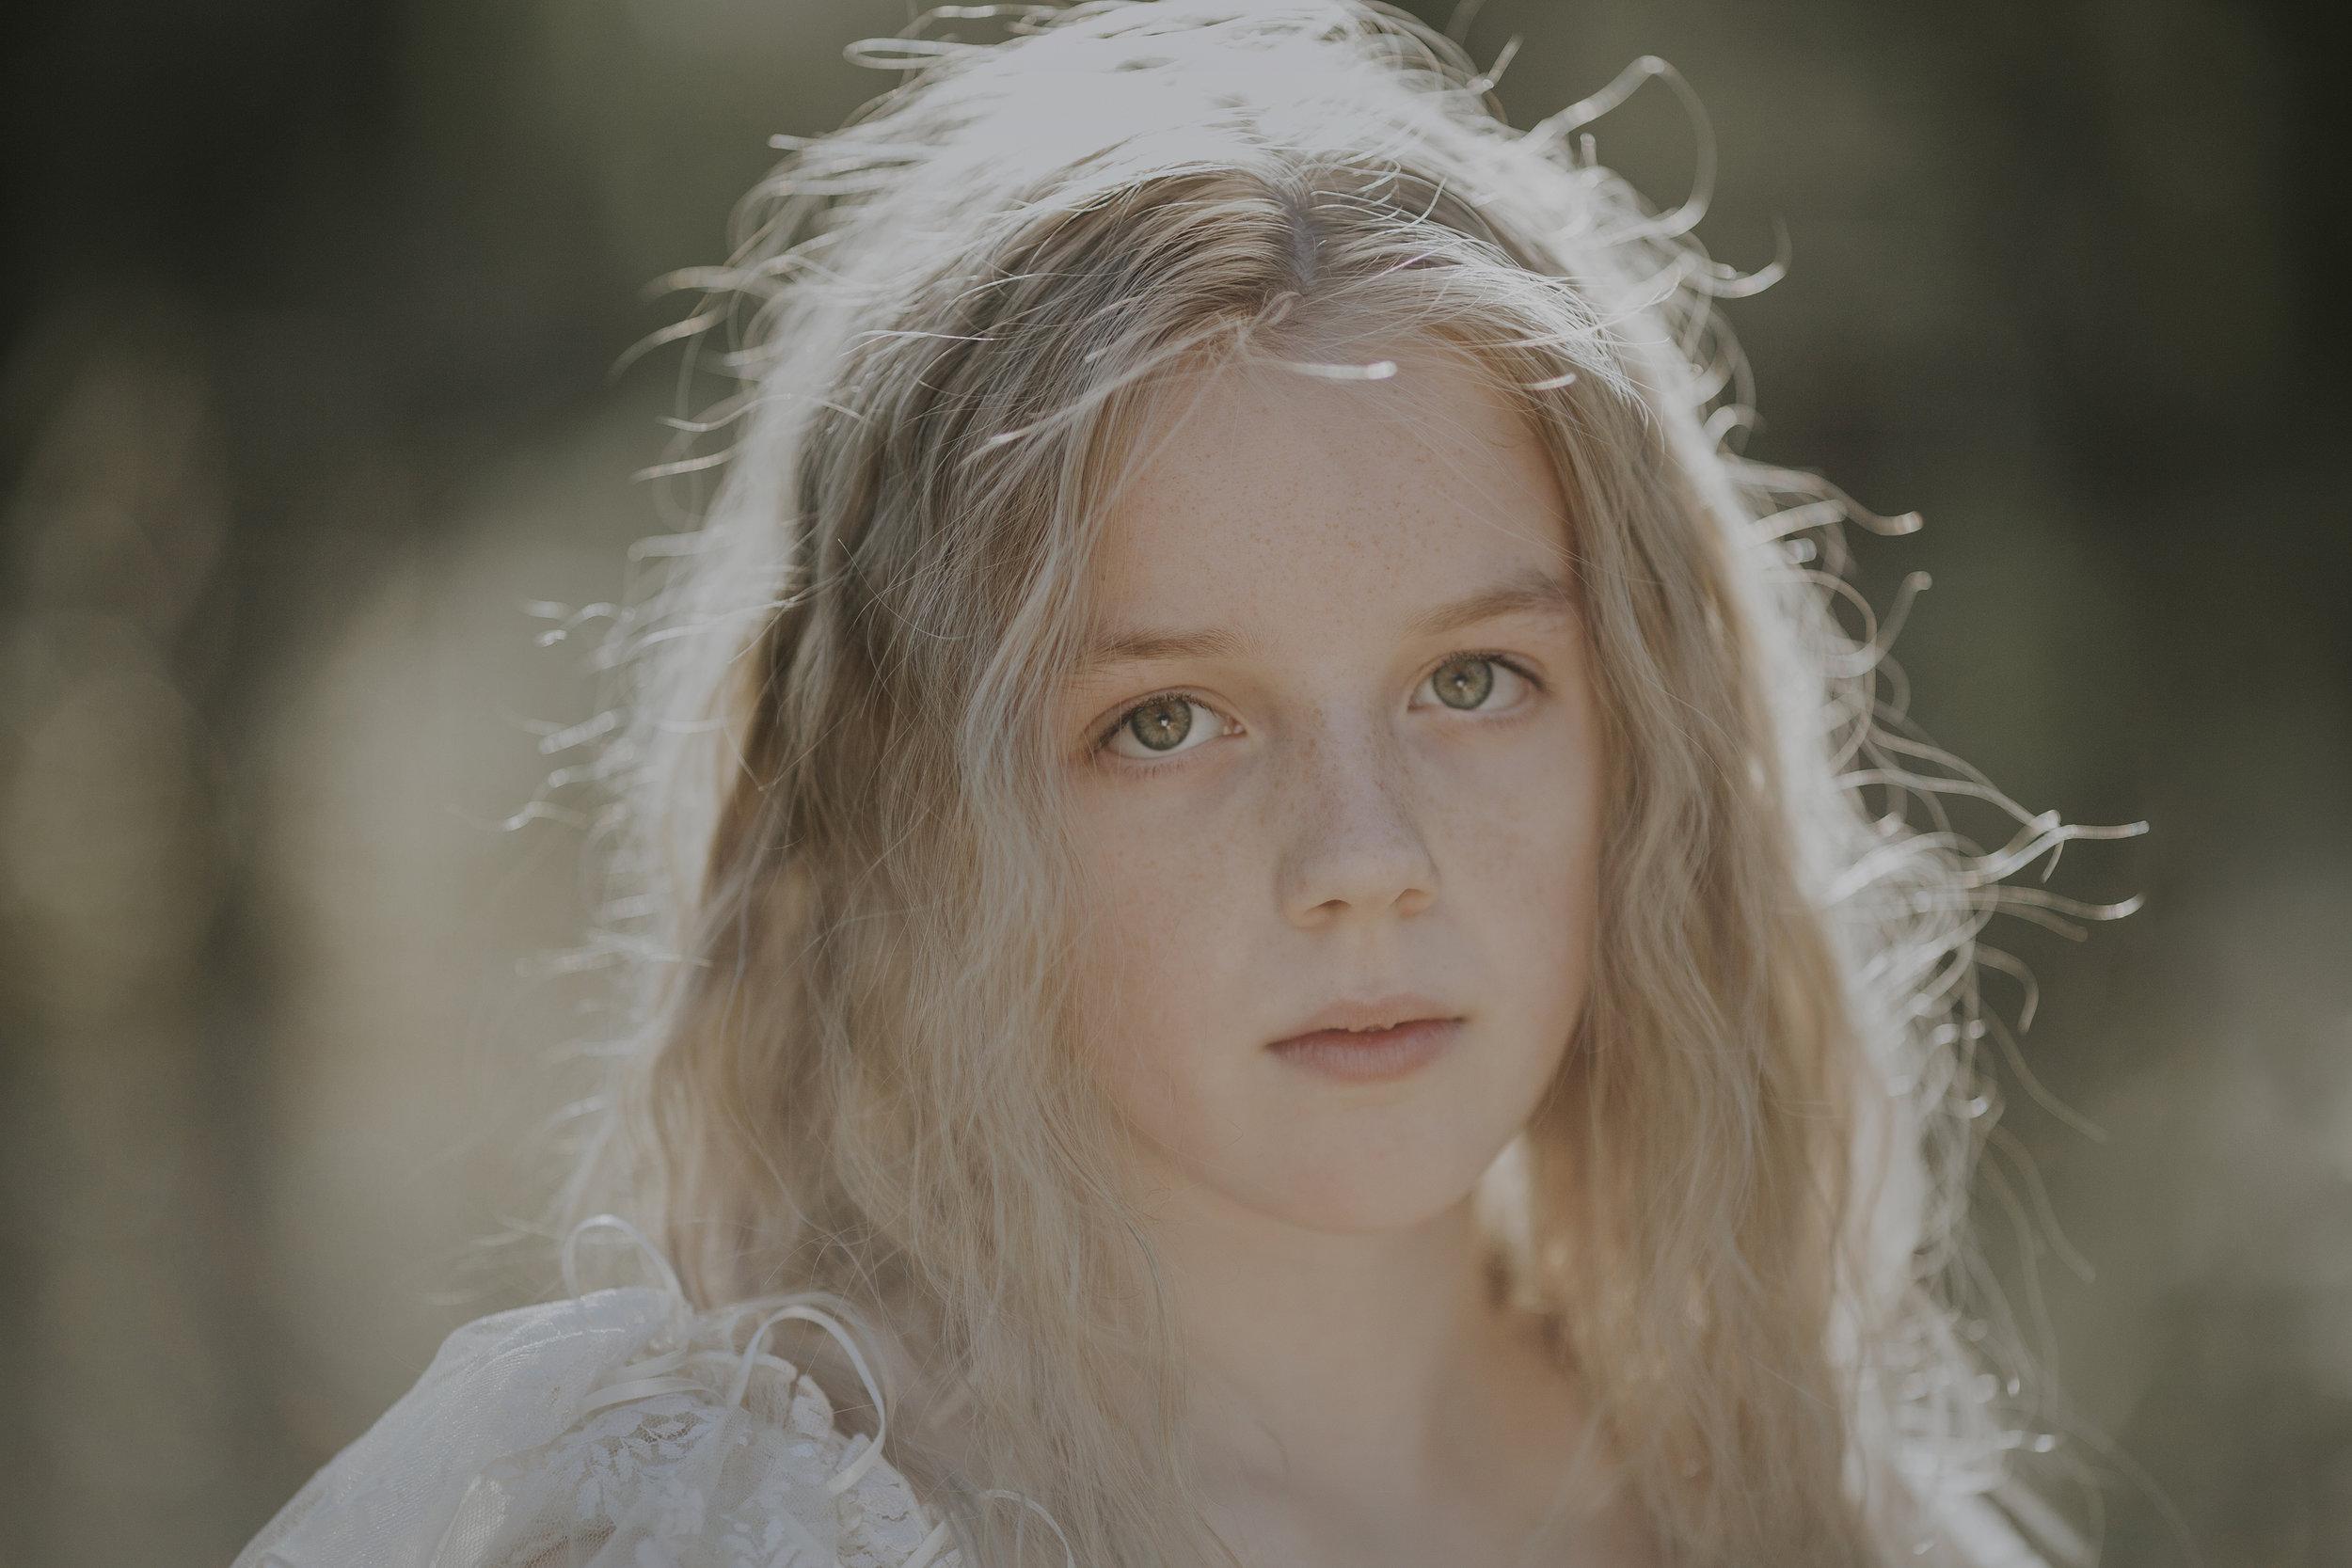 Portrait Photo of Tween Girl